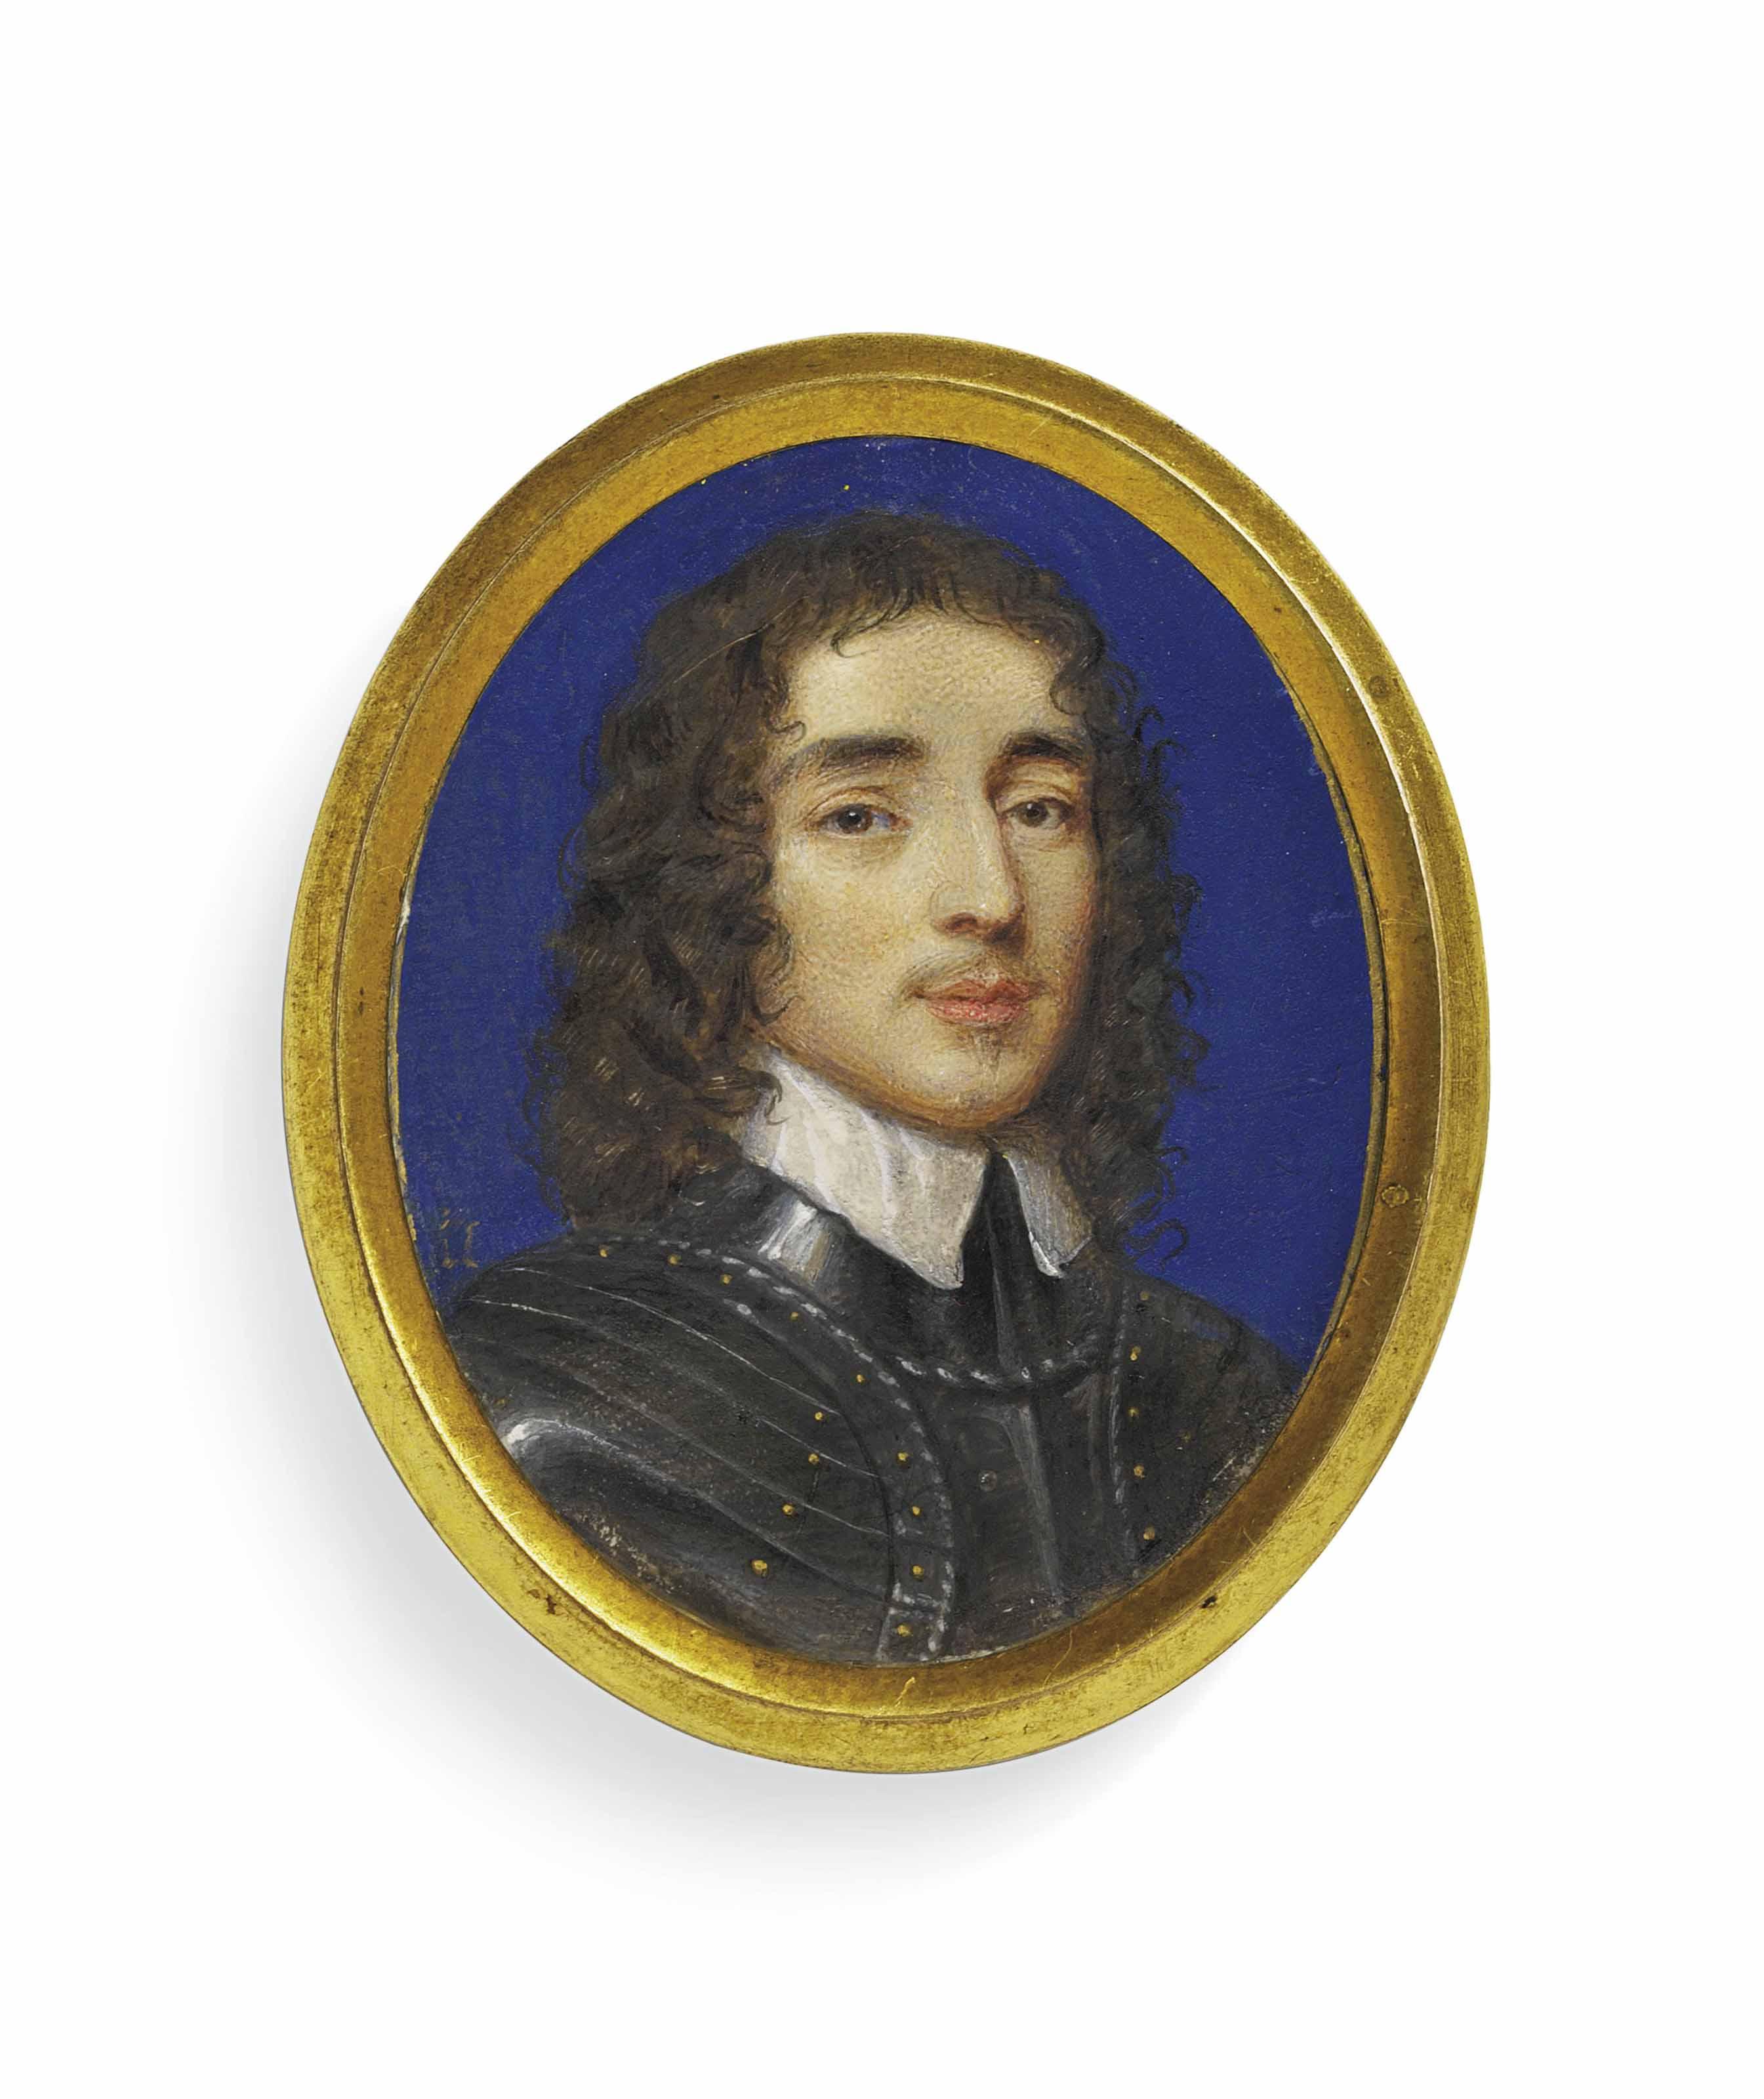 JOHN HOSKINS (BRITISH, C. 1590-1665)